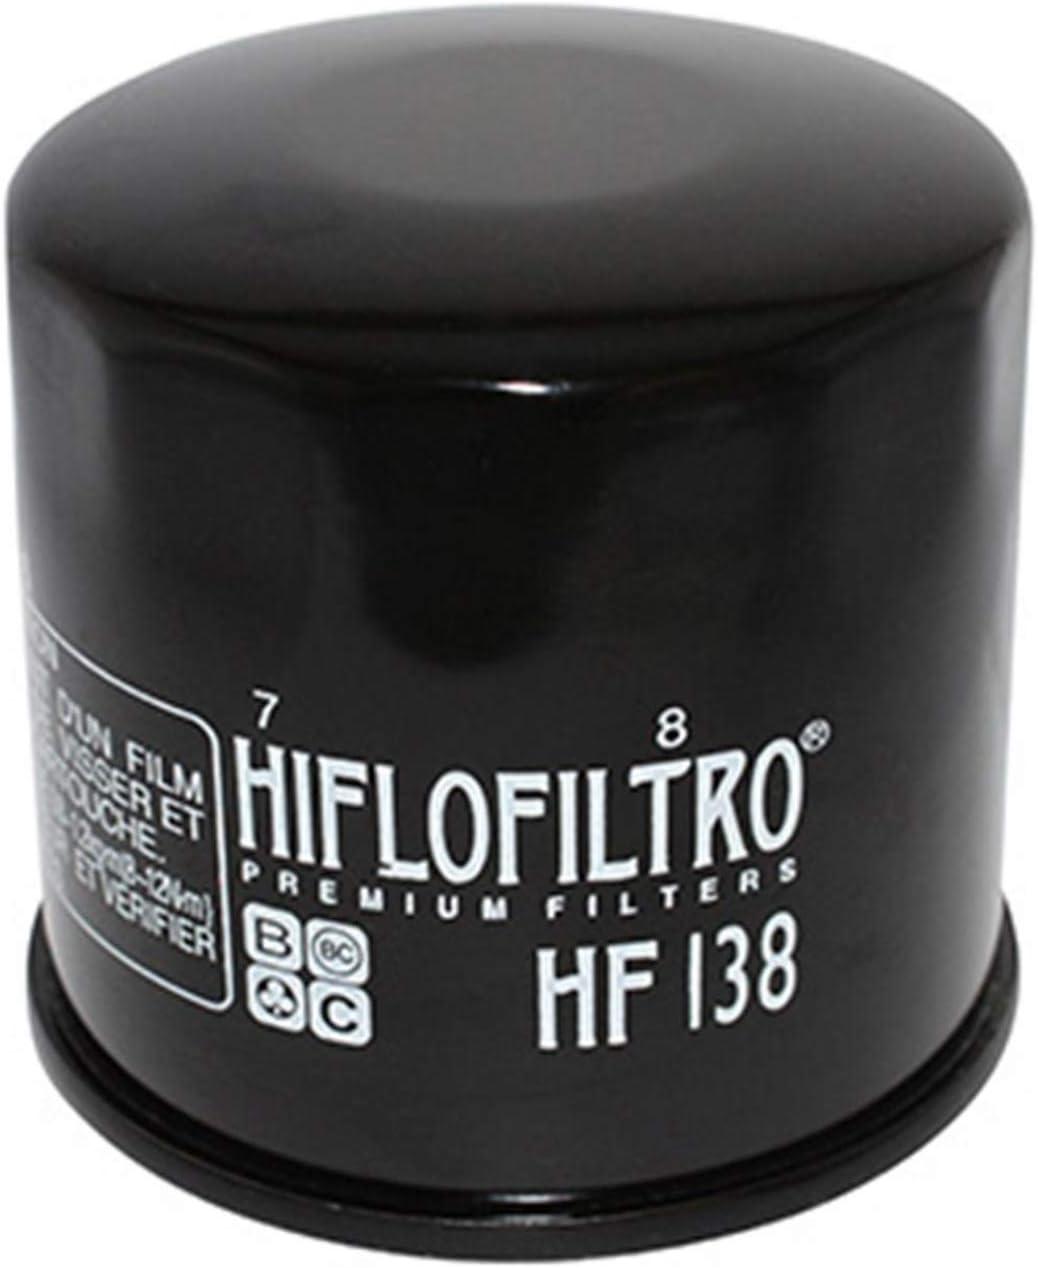 HF138 1000 GSX-R FILTRE A HUILE HIFLOFILTRO POUR SUZUKI 650 BANDIT 68x65mm 1500 INTRUDER-APRILIA 1000 RSV4 2009 750 GSX-R 1300 HAYABUSA